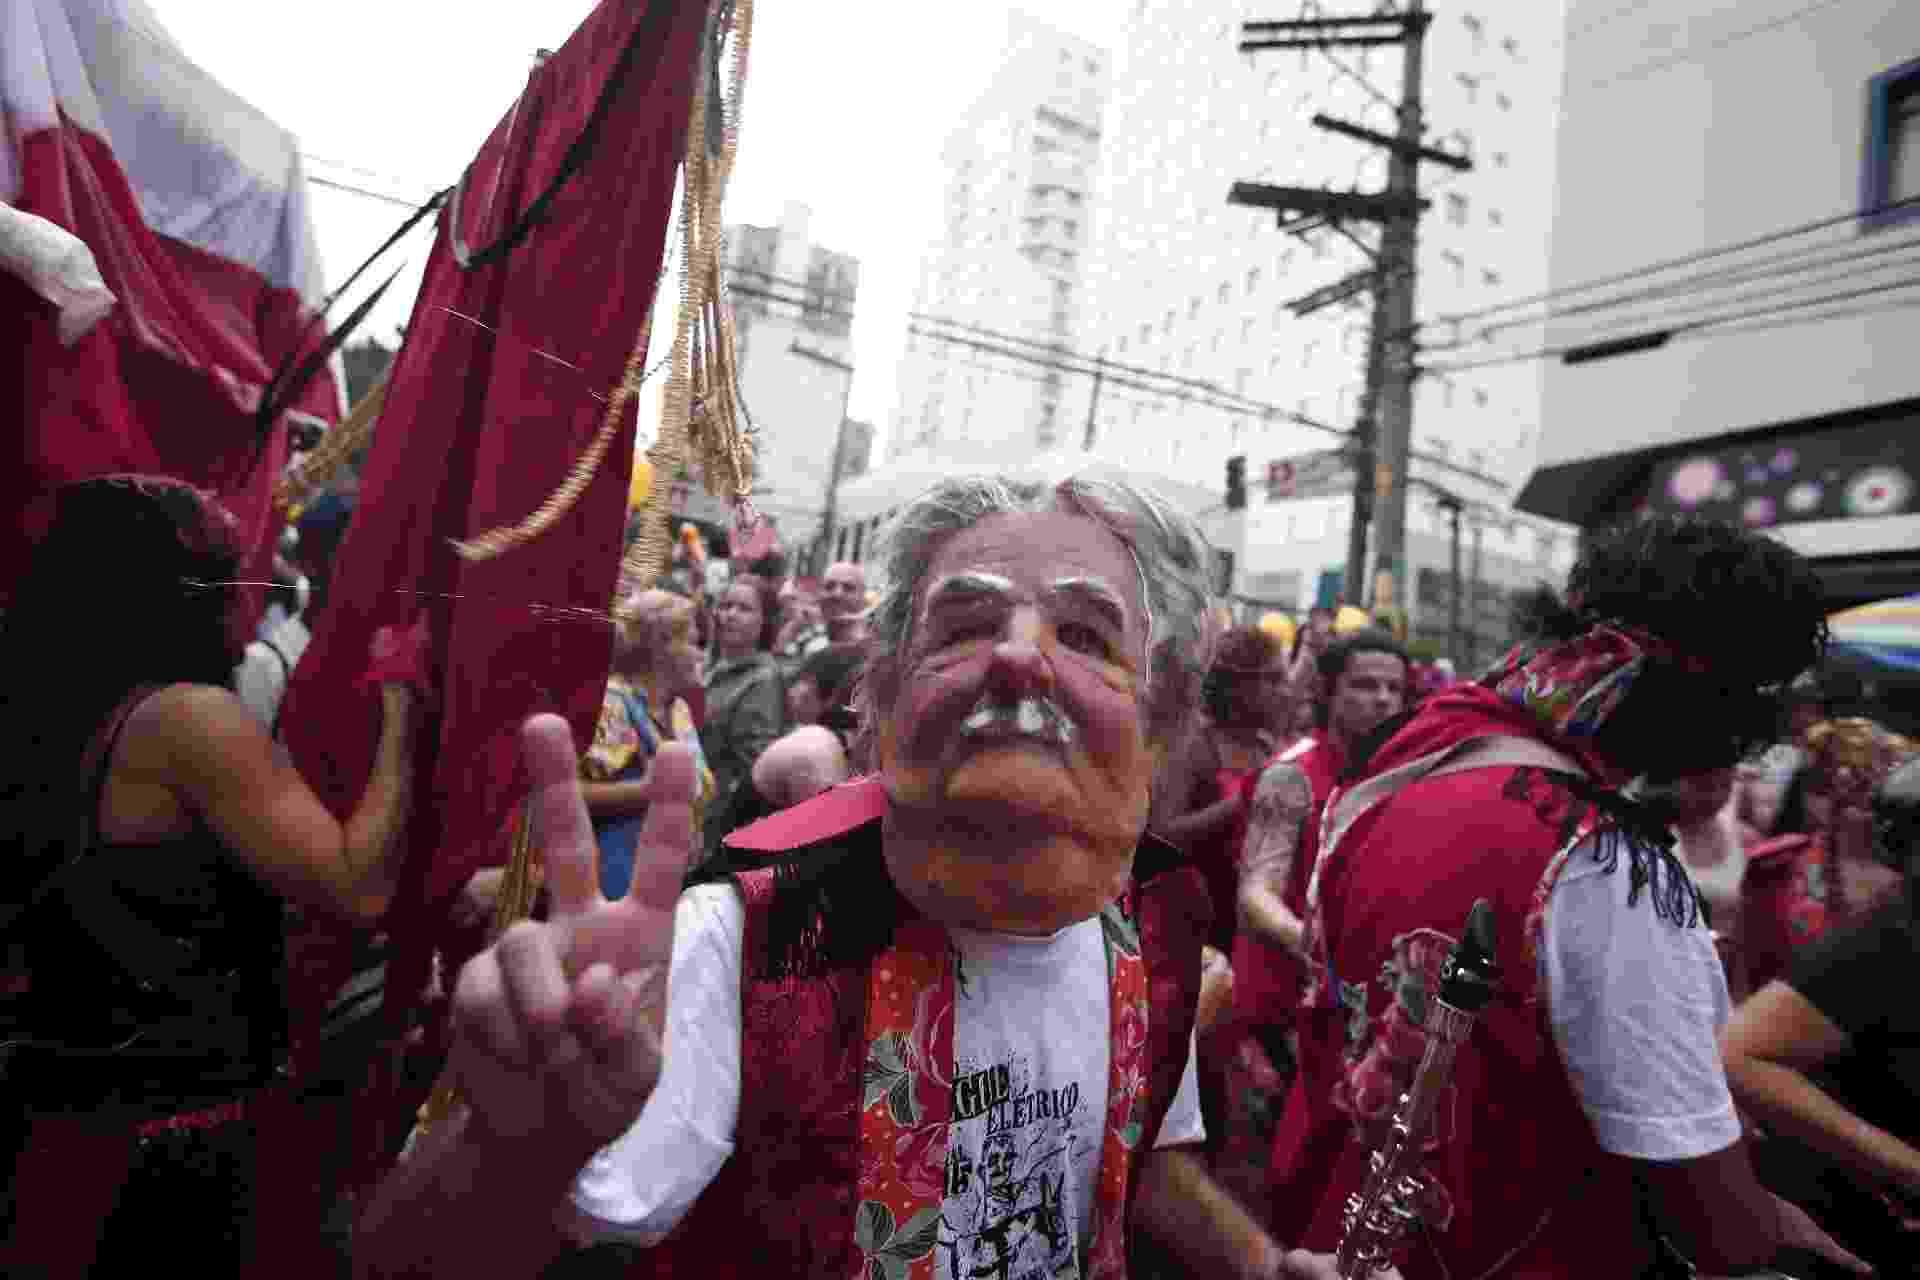 Folião usa máscara do ex-presidente do Uruguai José Mujica no bloco Jegue Elétrico, que desfilou em Pinheiros neste domingo - Ernesto Rodrigues/Folhapress